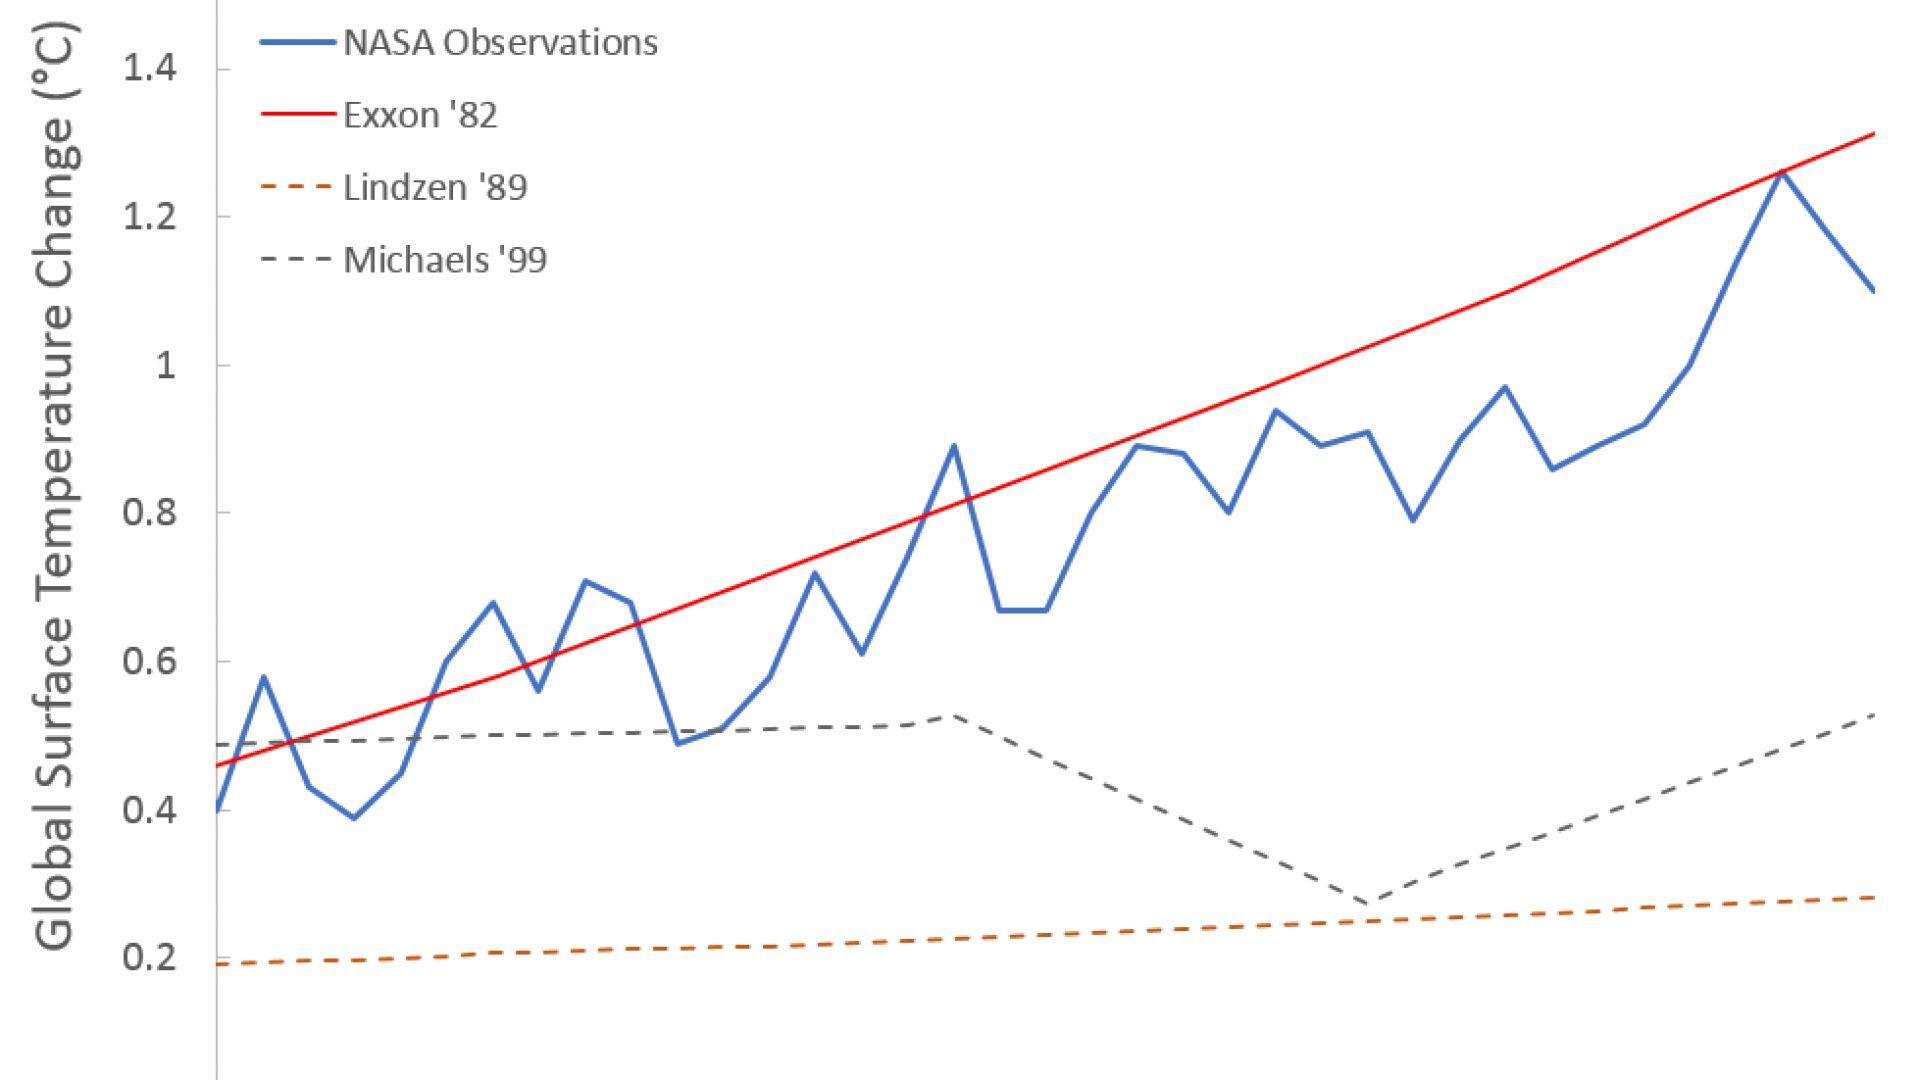 Удивително точна прогноза с 40-годишна давност